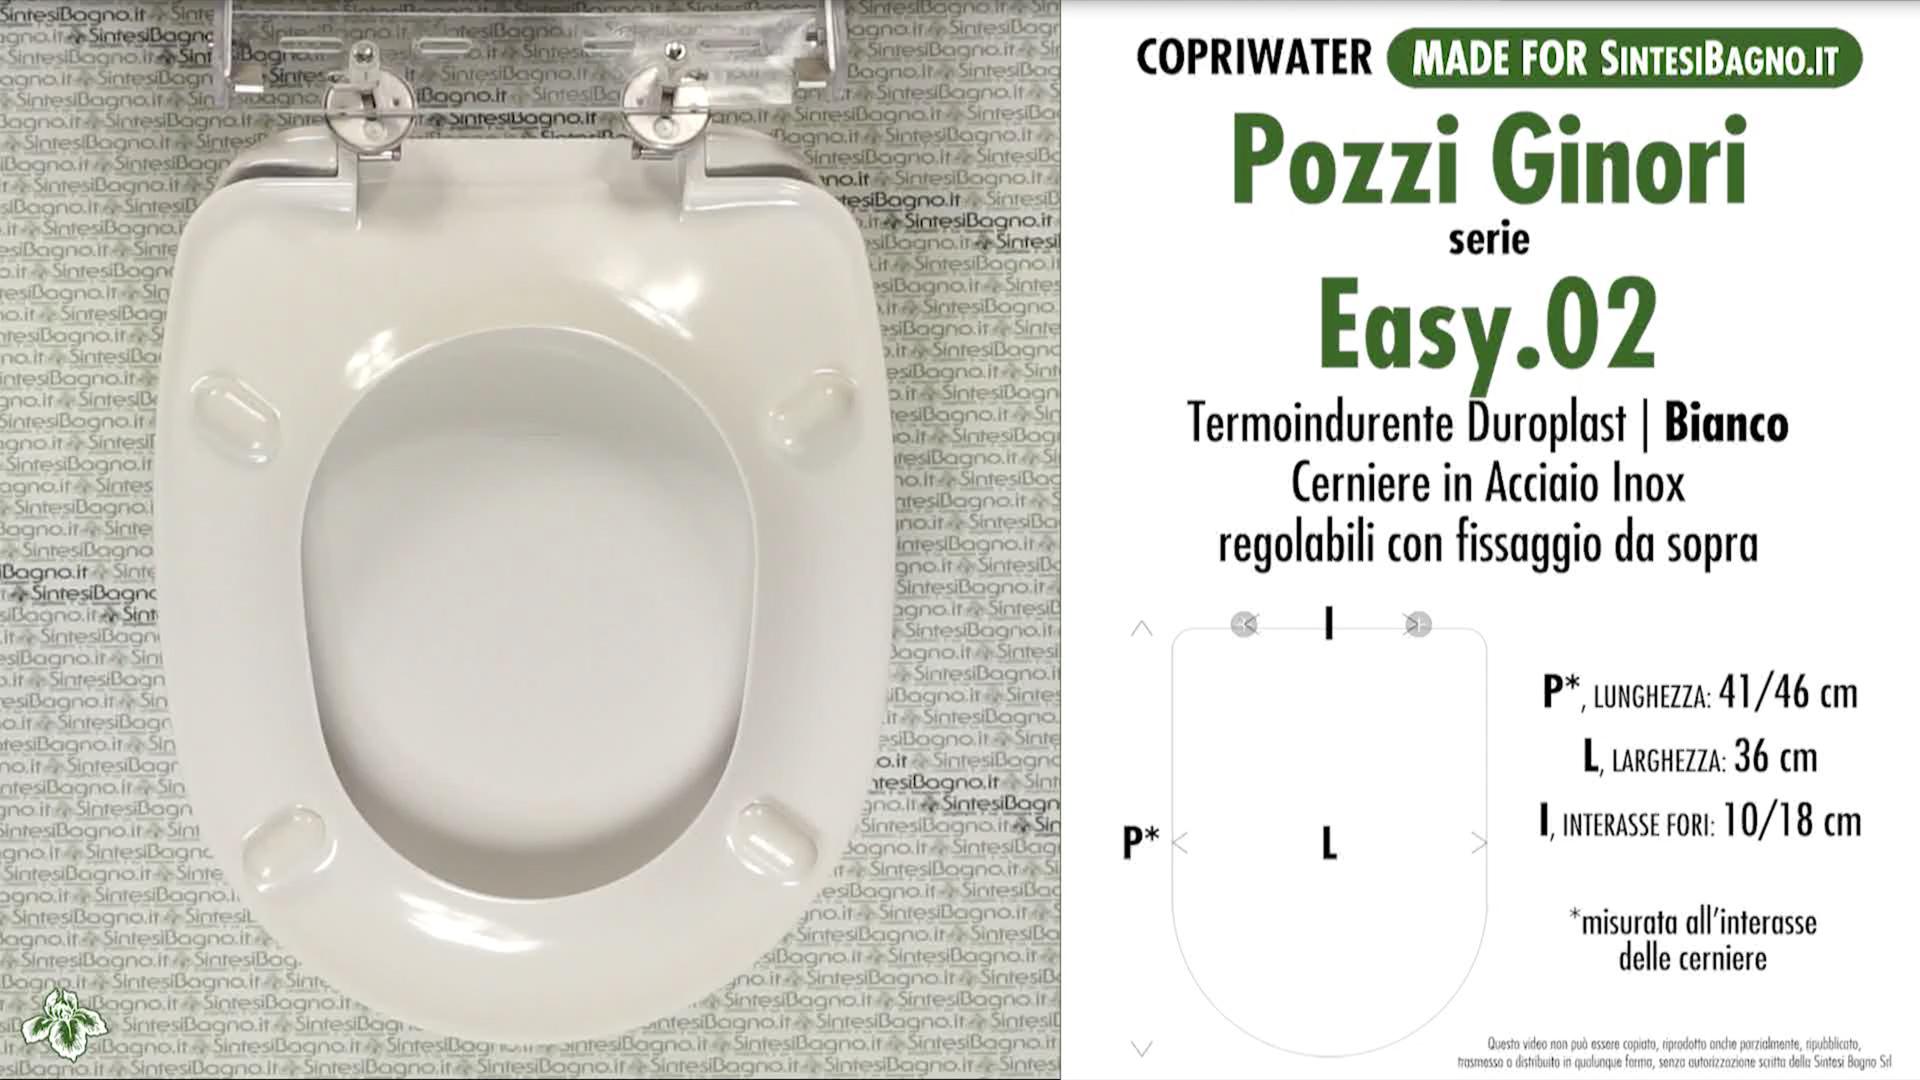 SCHEDA TECNICA MISURE copriwater POZZI GINORI EASY.02